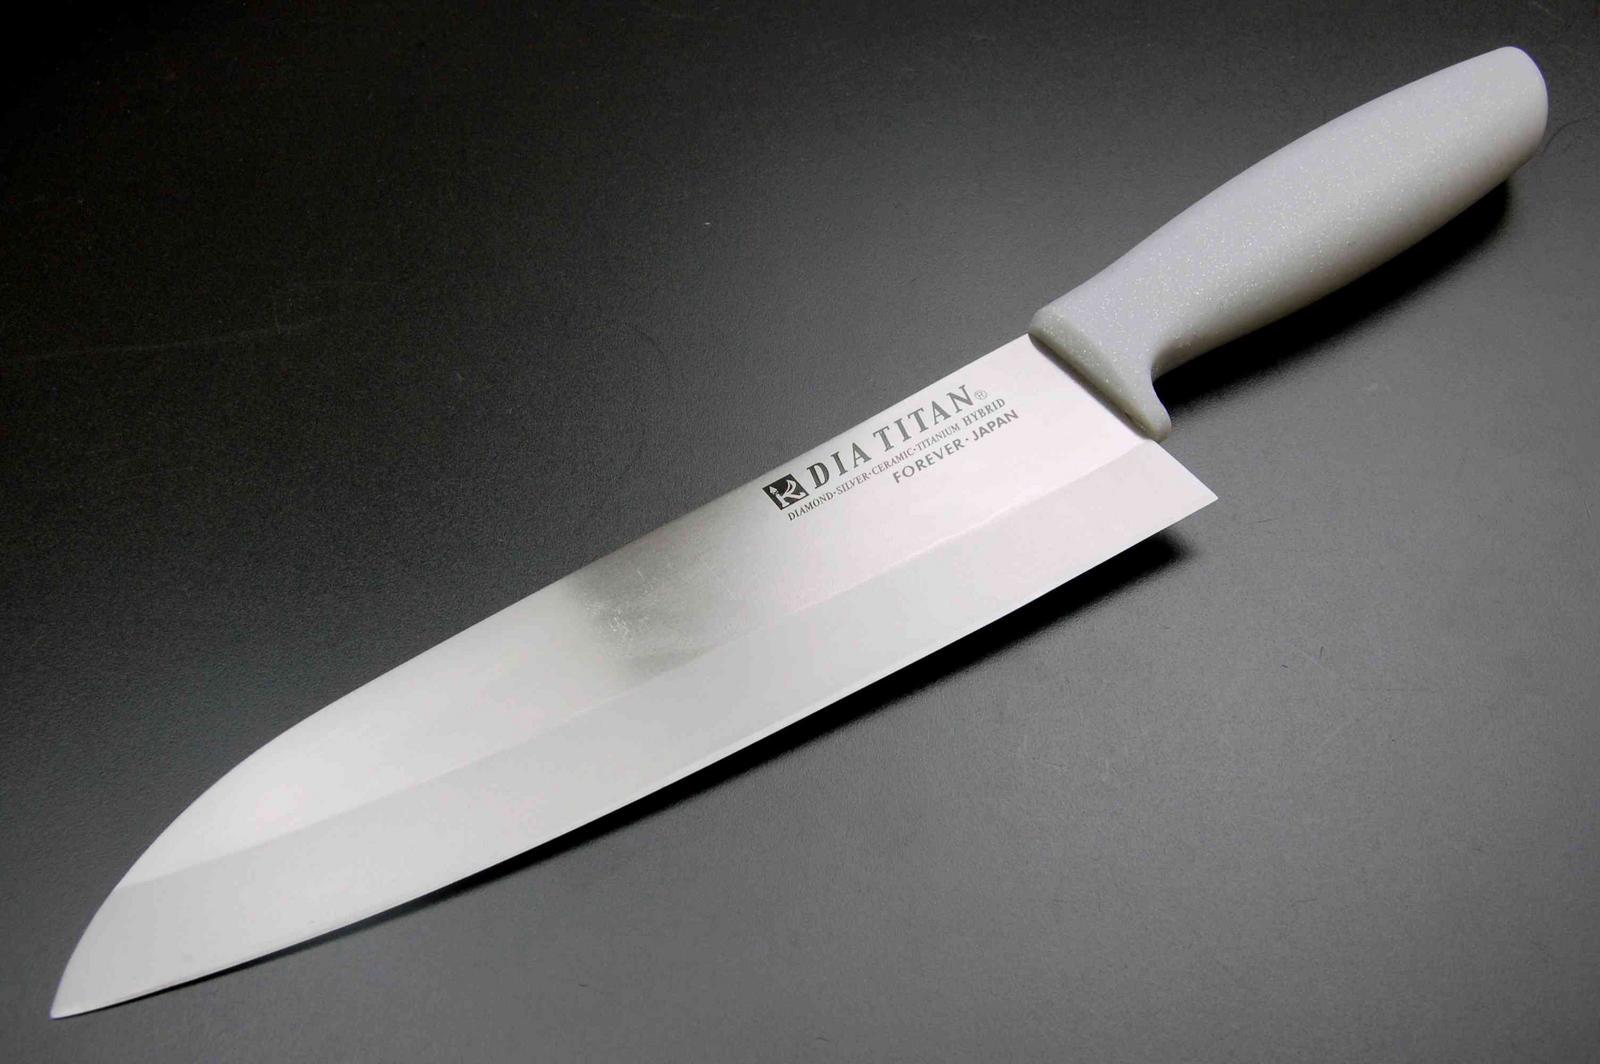 Merveilleux Titanium Diamond Santoku Knife 19 Cm